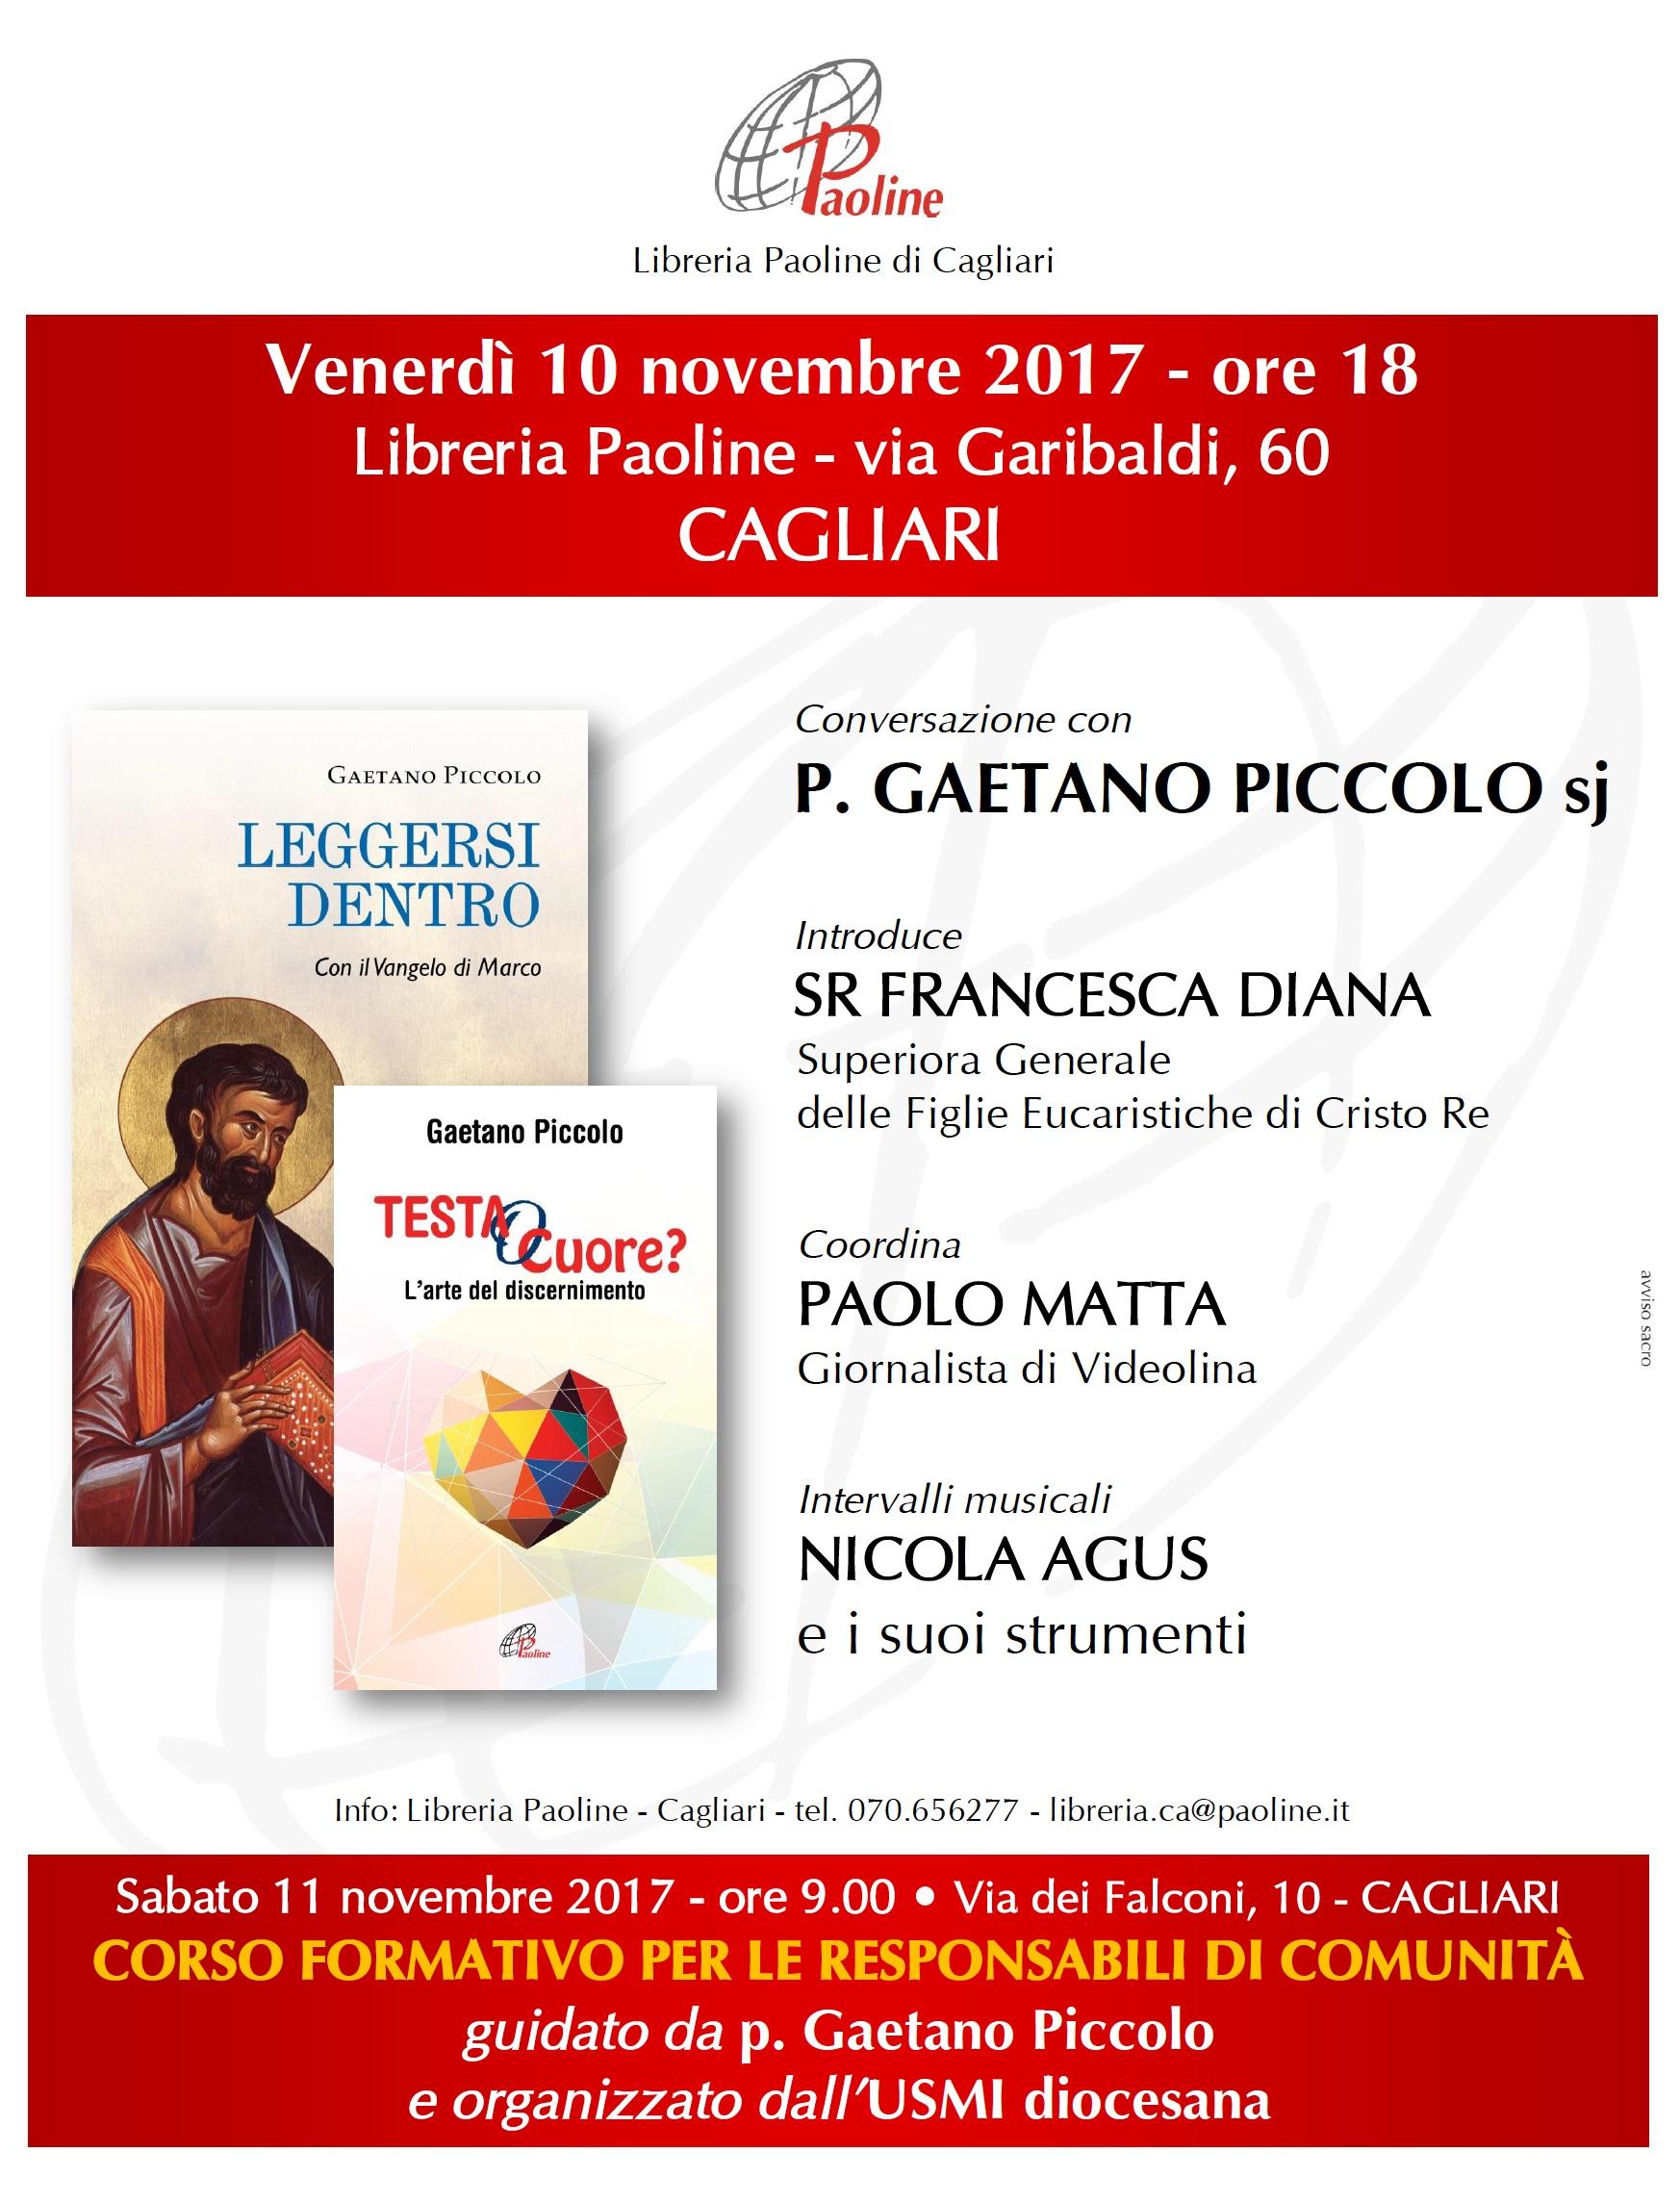 INCONTRO CON PADRE GAETANO PICCOLO sj